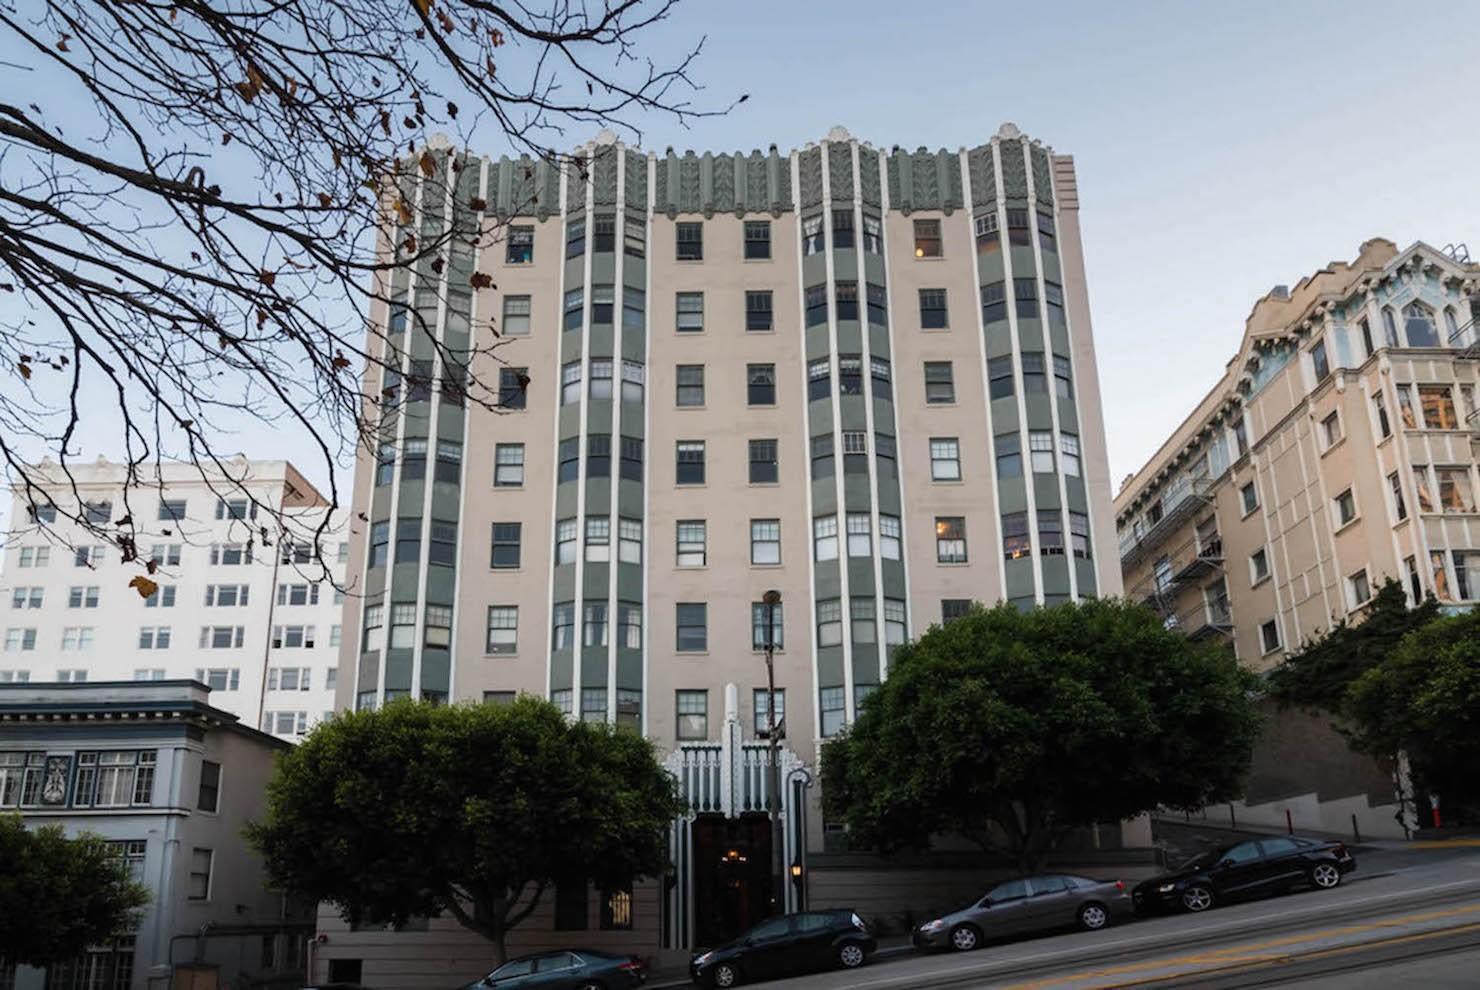 845 CALIFORNIA Apartments & Suites photo #1